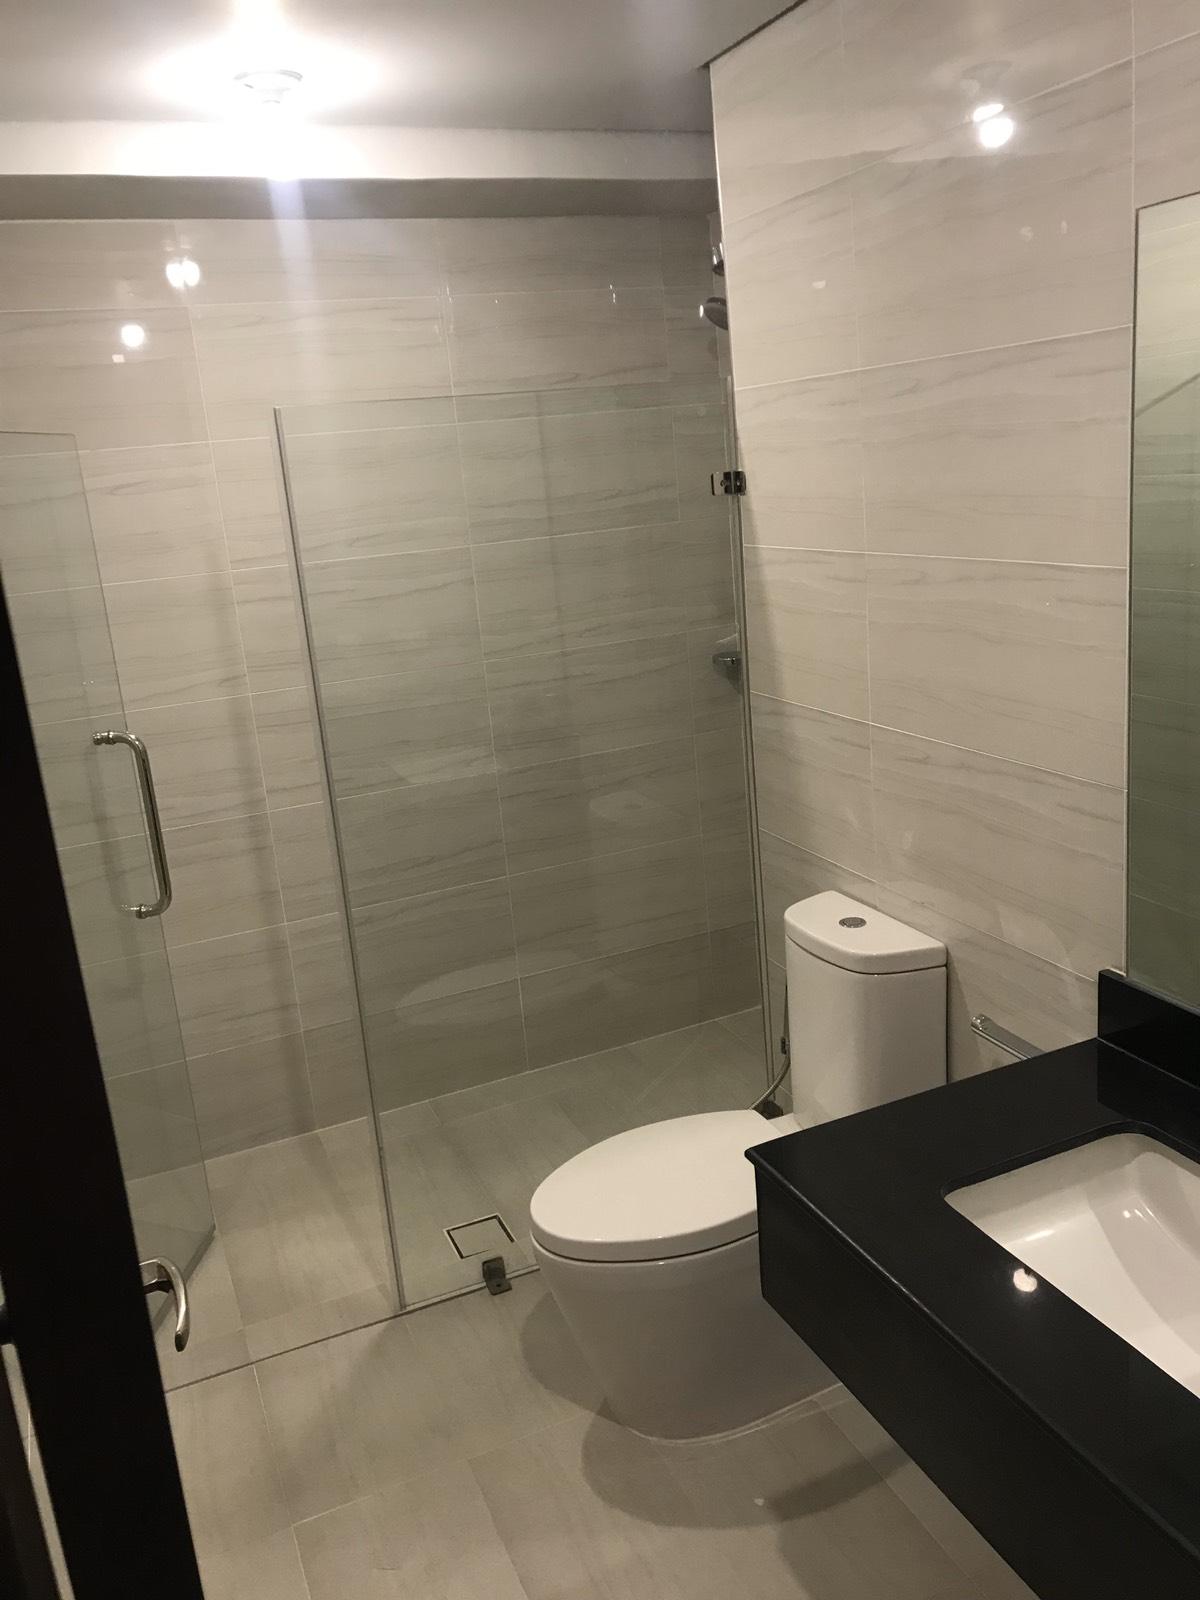 Studio Condo For Sale, Verve Residences Tower 1, BGC, Taguig City 6